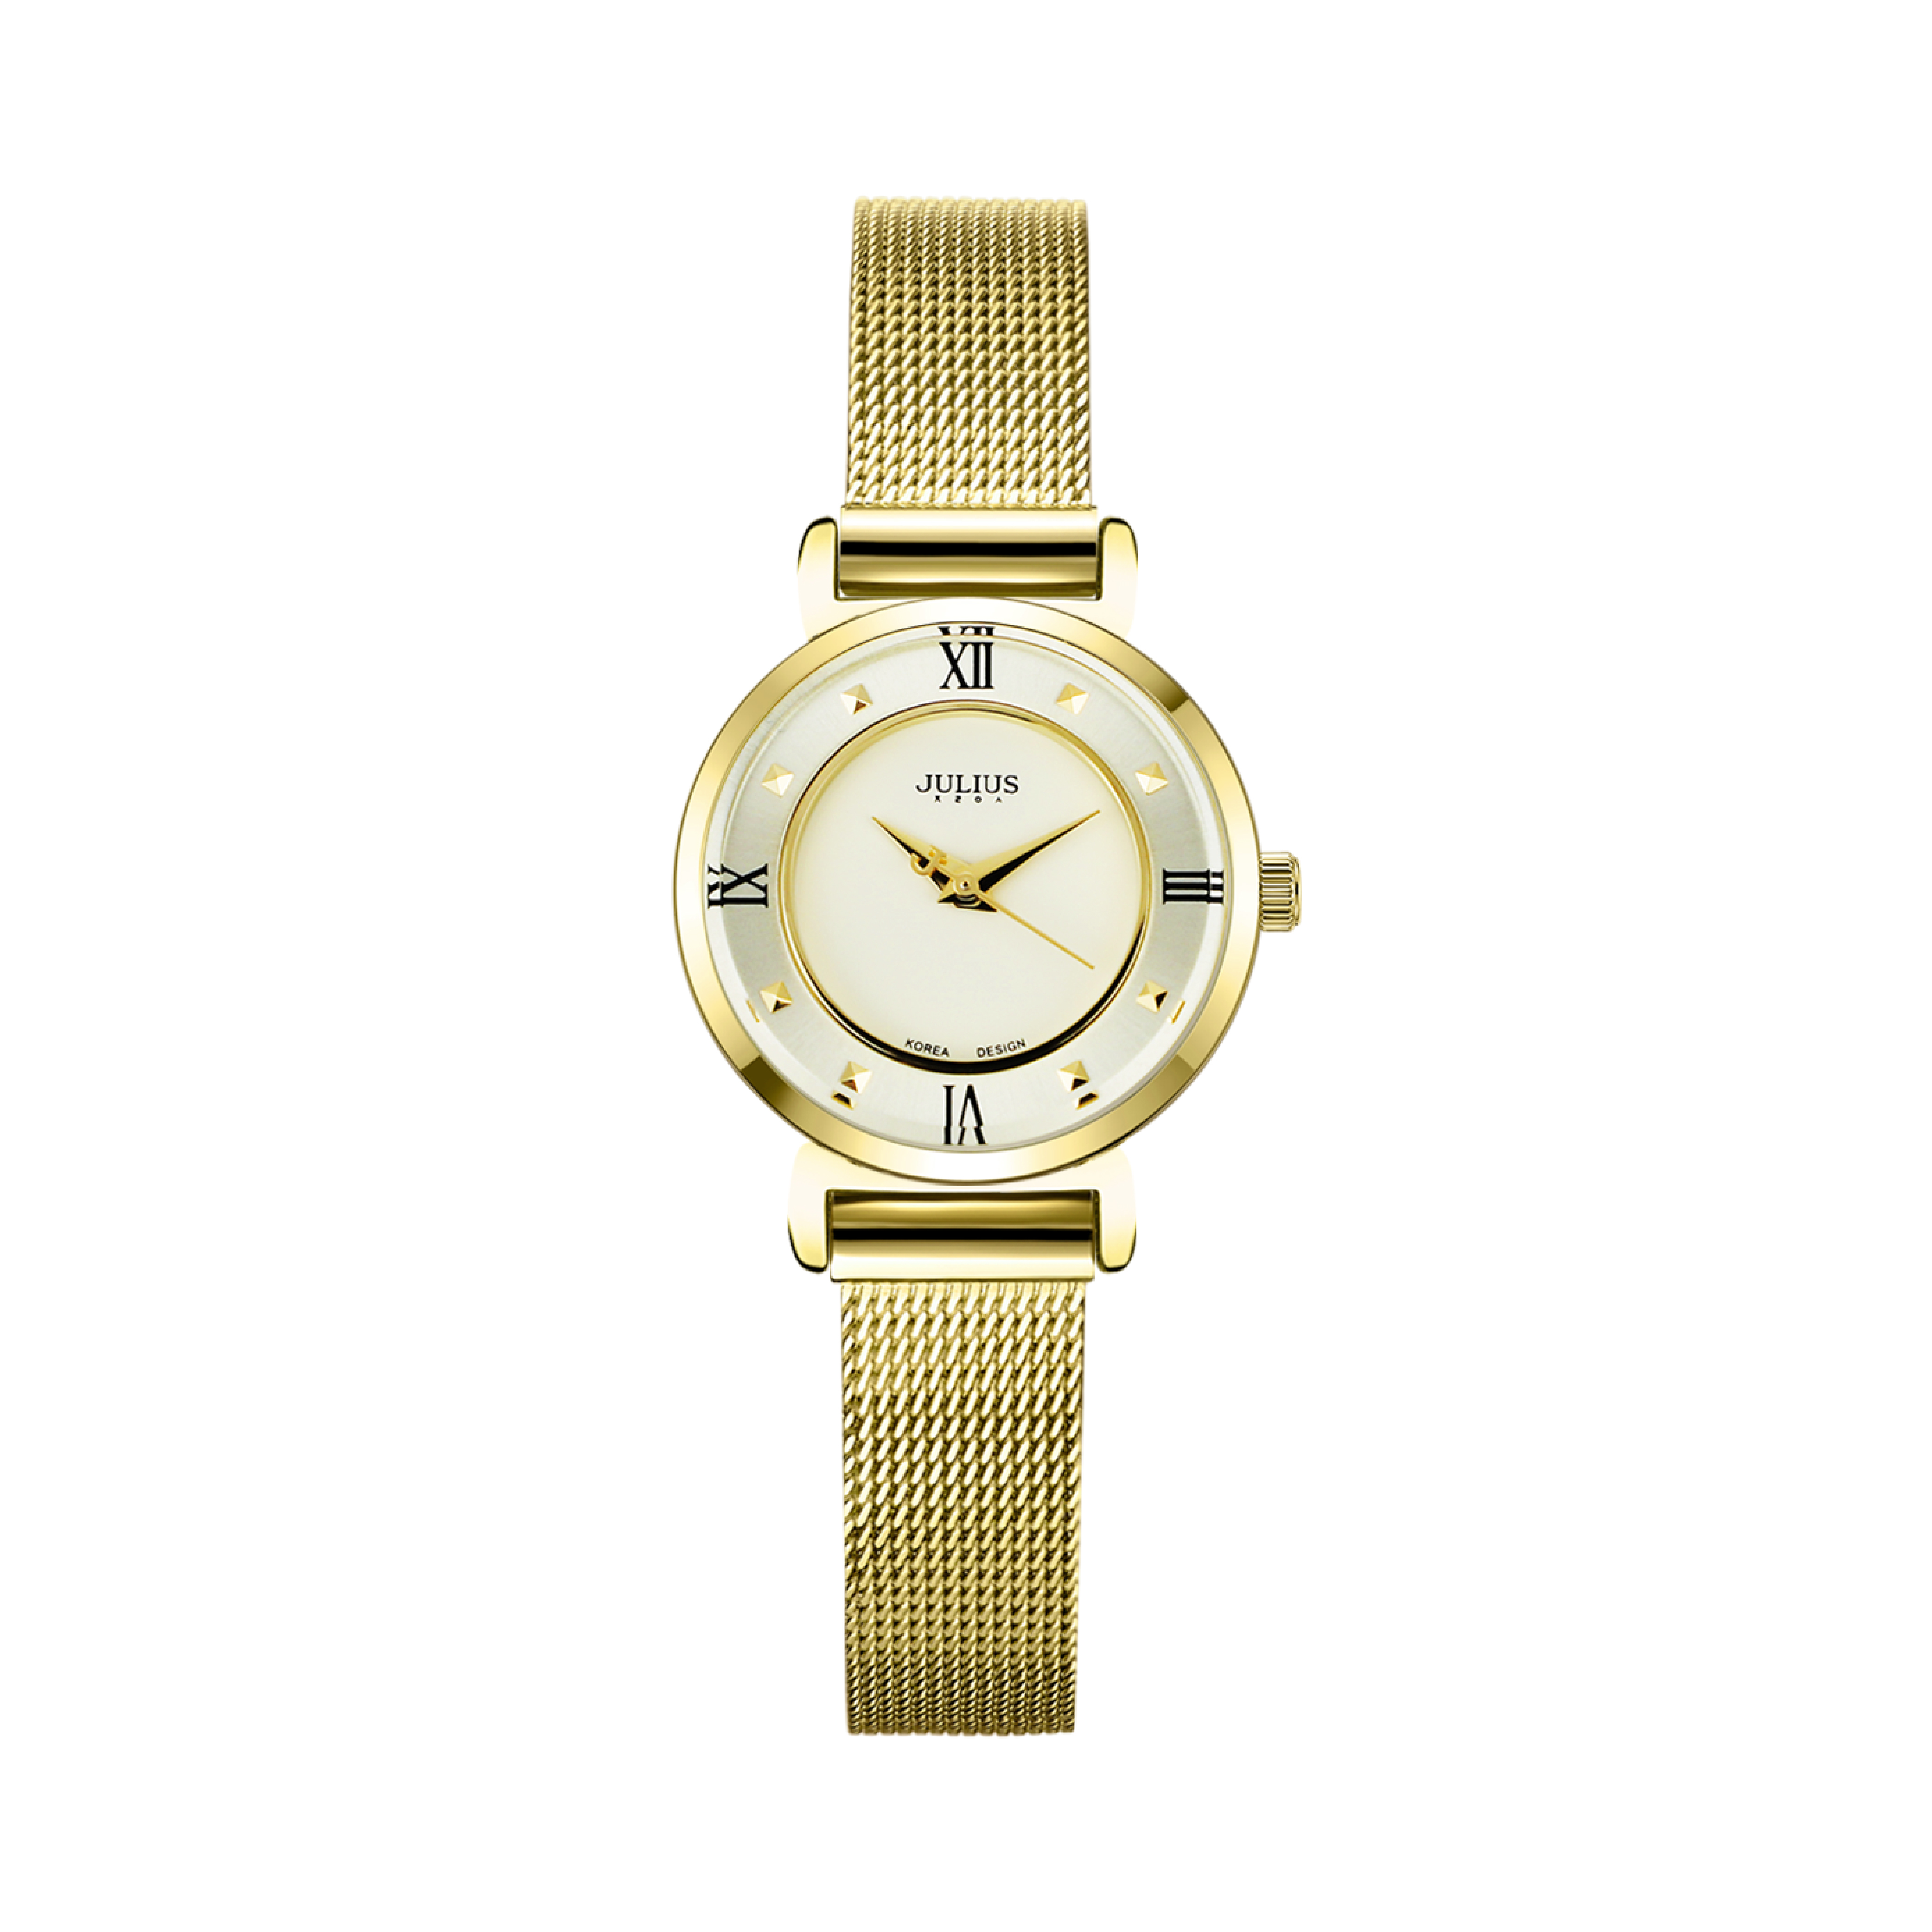 นาฬิกาข้อมือผู้หญิง JULIUS JA-728 C